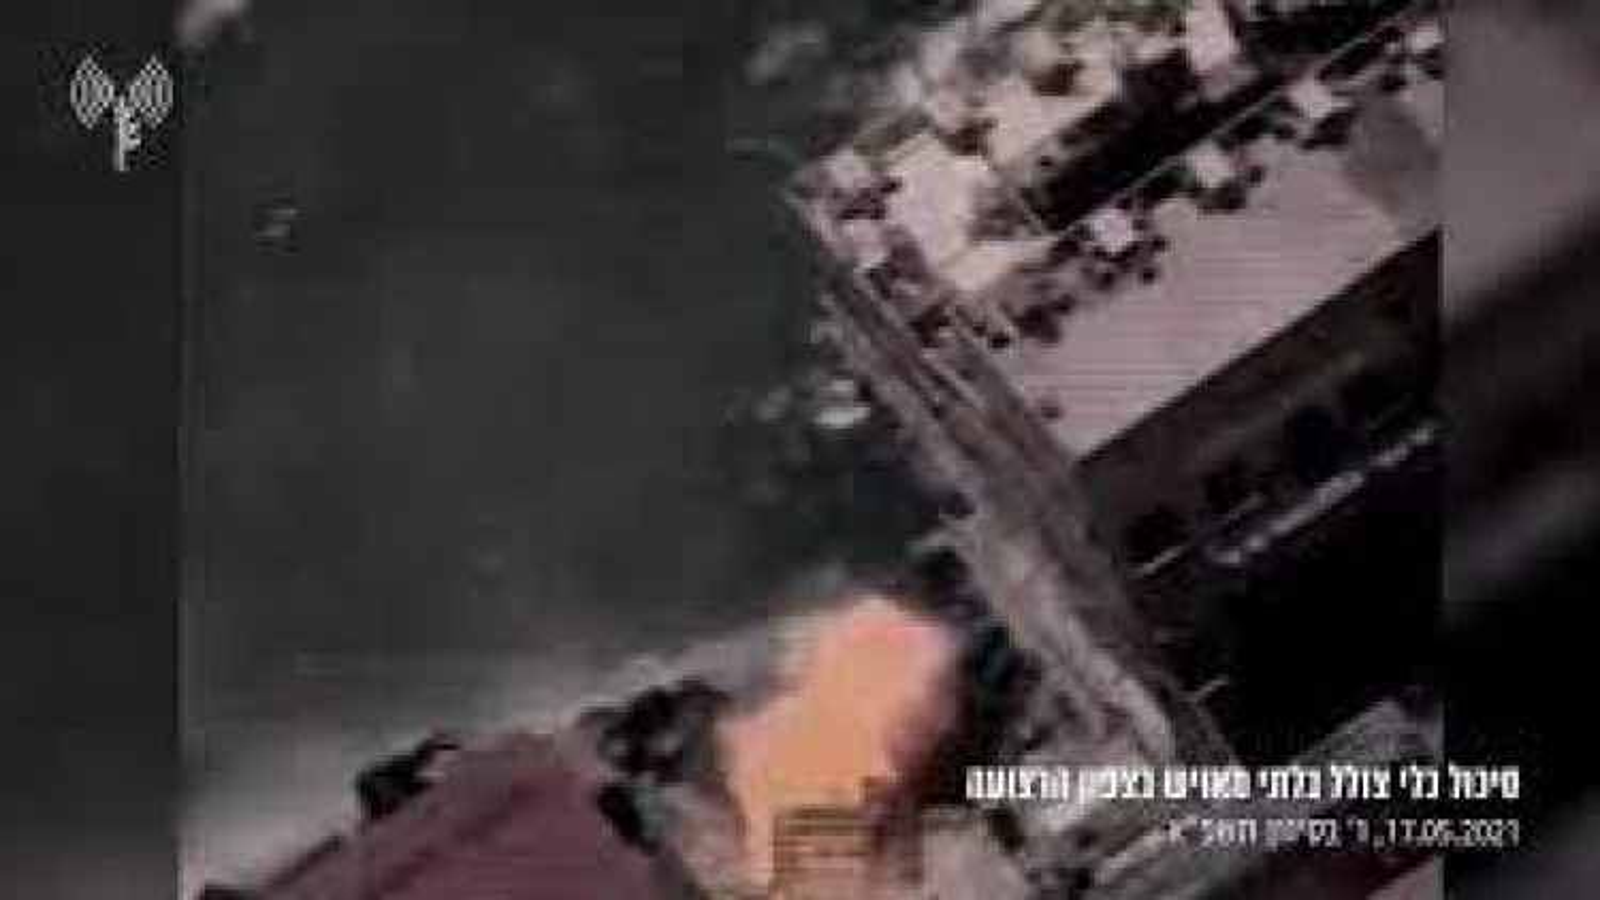 Khoảnh khắc Israel làm nổ tung tàu ngầm không người lái của Hamas